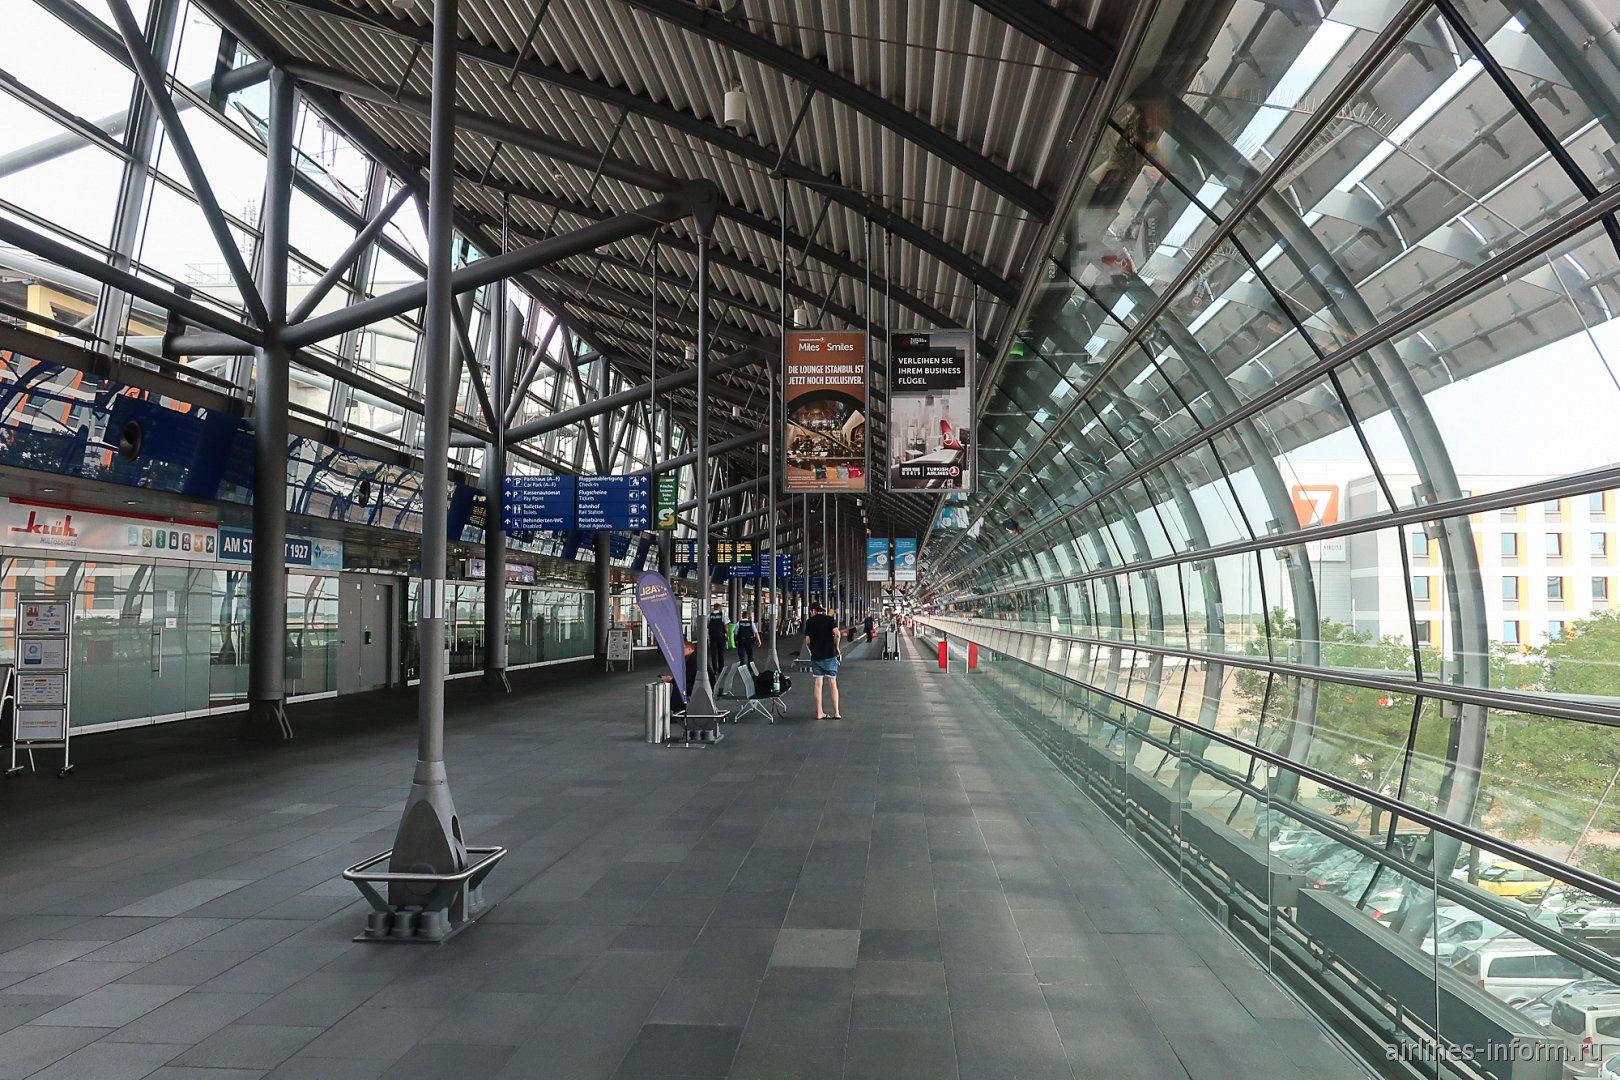 Переход между терминалами в аэропорту Лейпциг-Галле